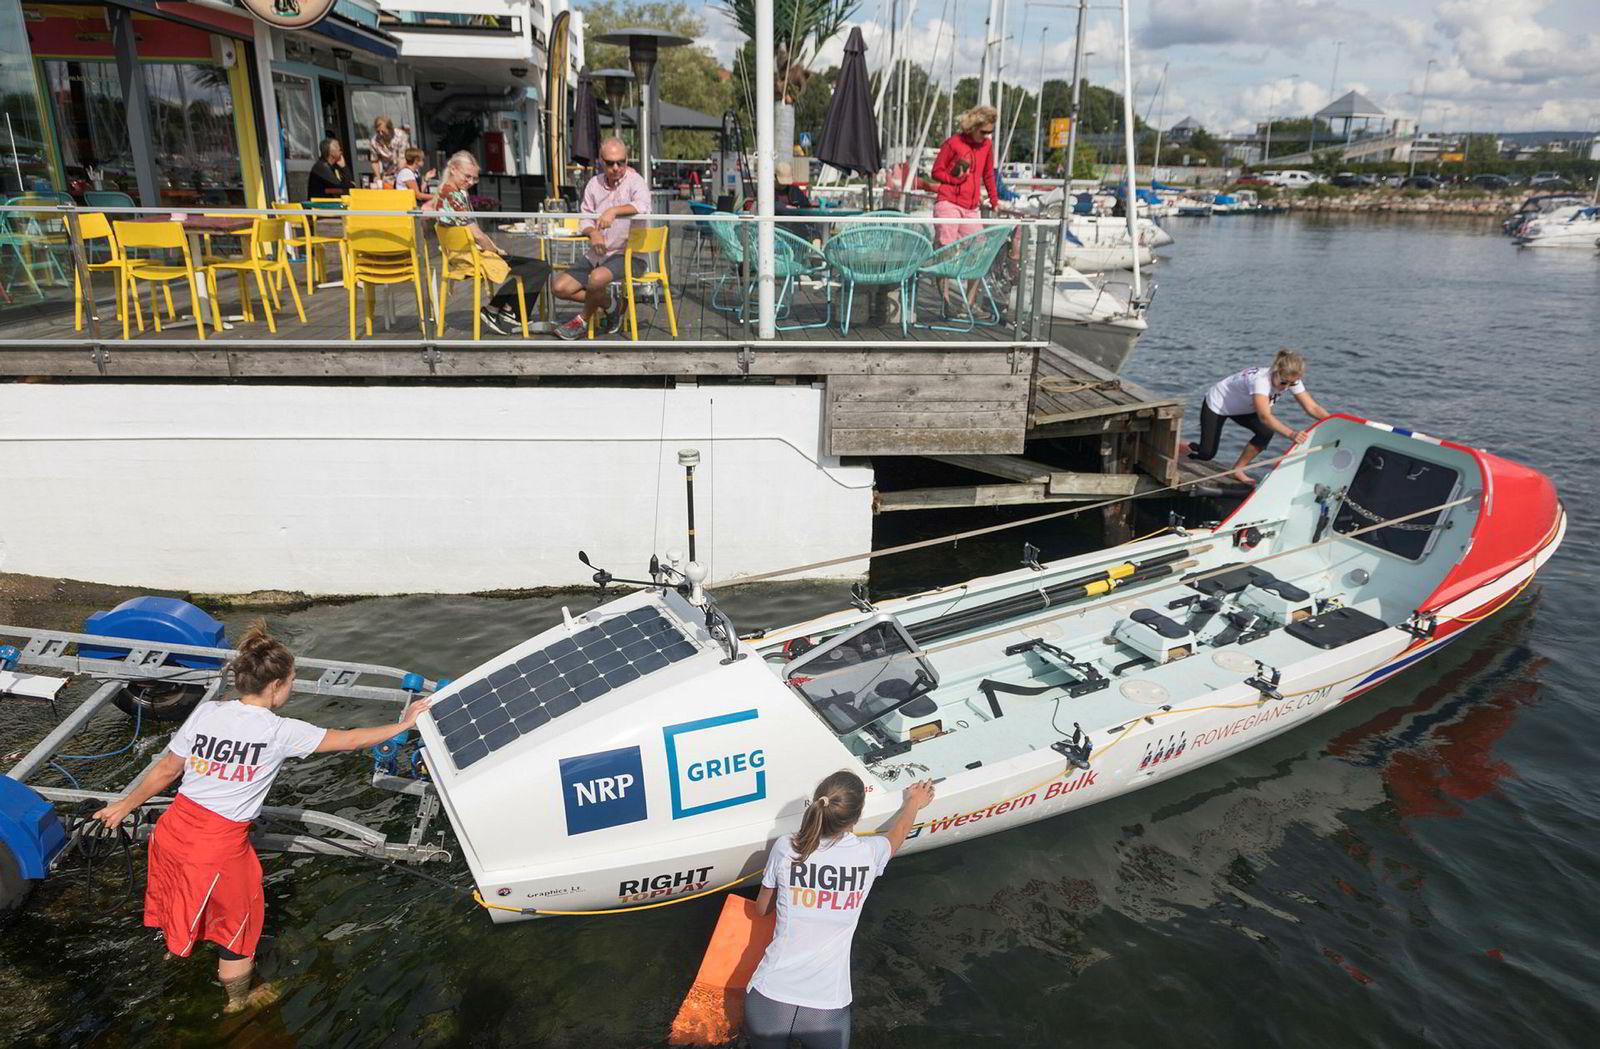 Rowegians sjøsetter sin nyfolierte robåt ved Kongen Marina med mange nysgjerrige blikk